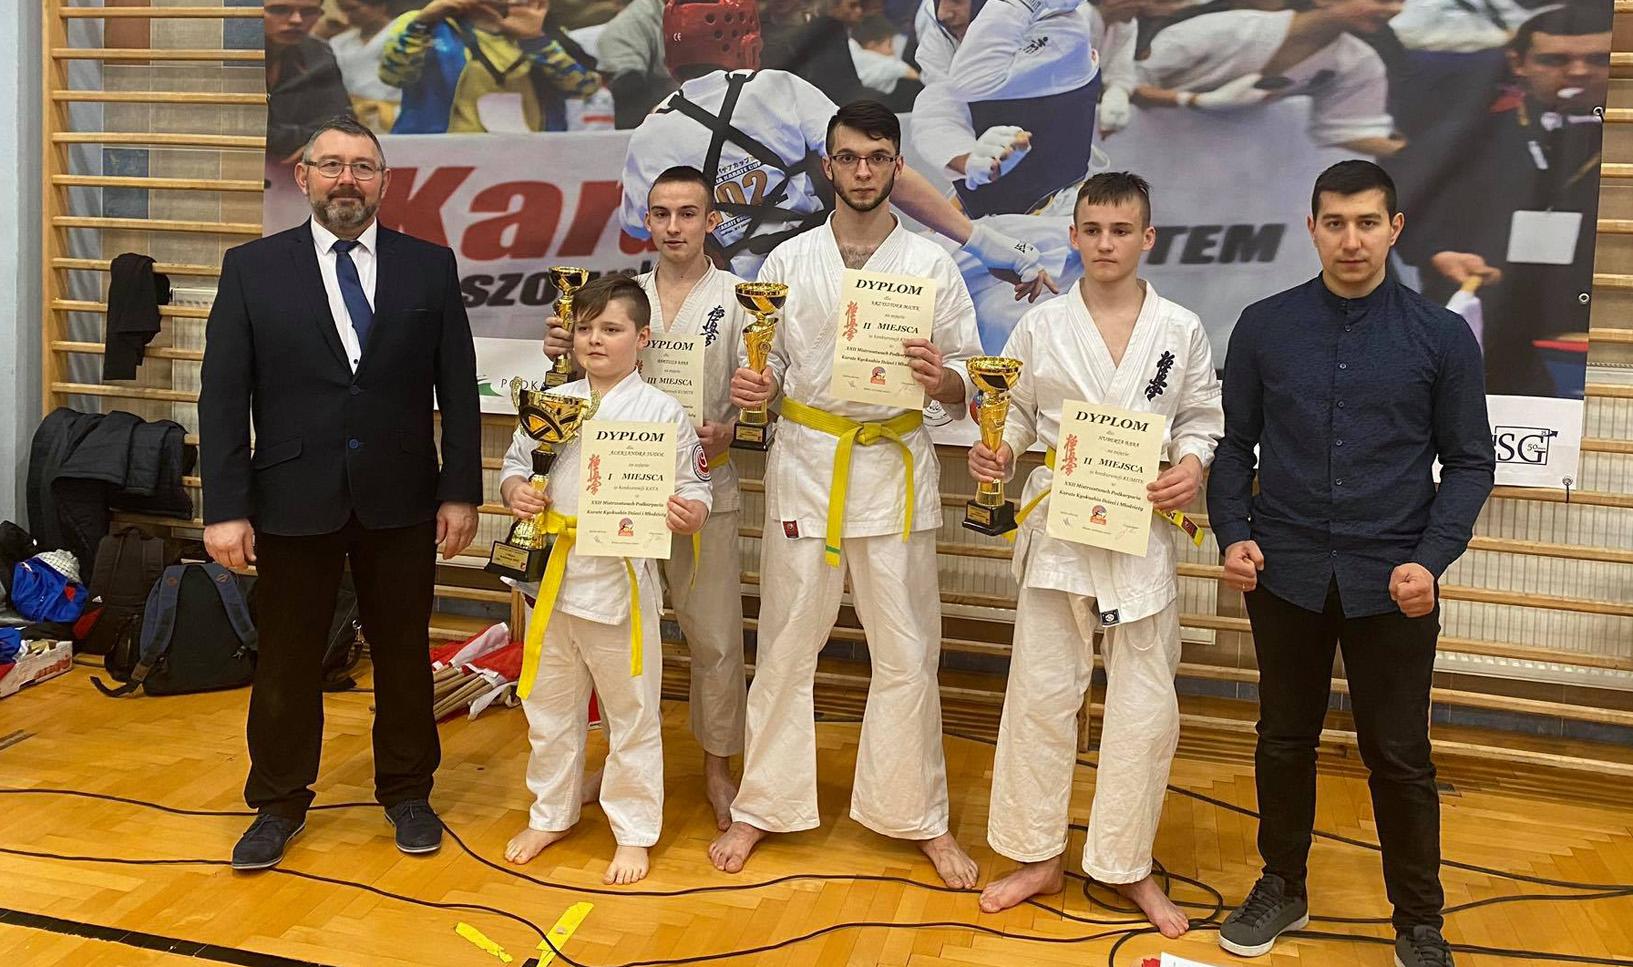 Osiem pucharów dla naszych karateków  - Zdjęcie główne